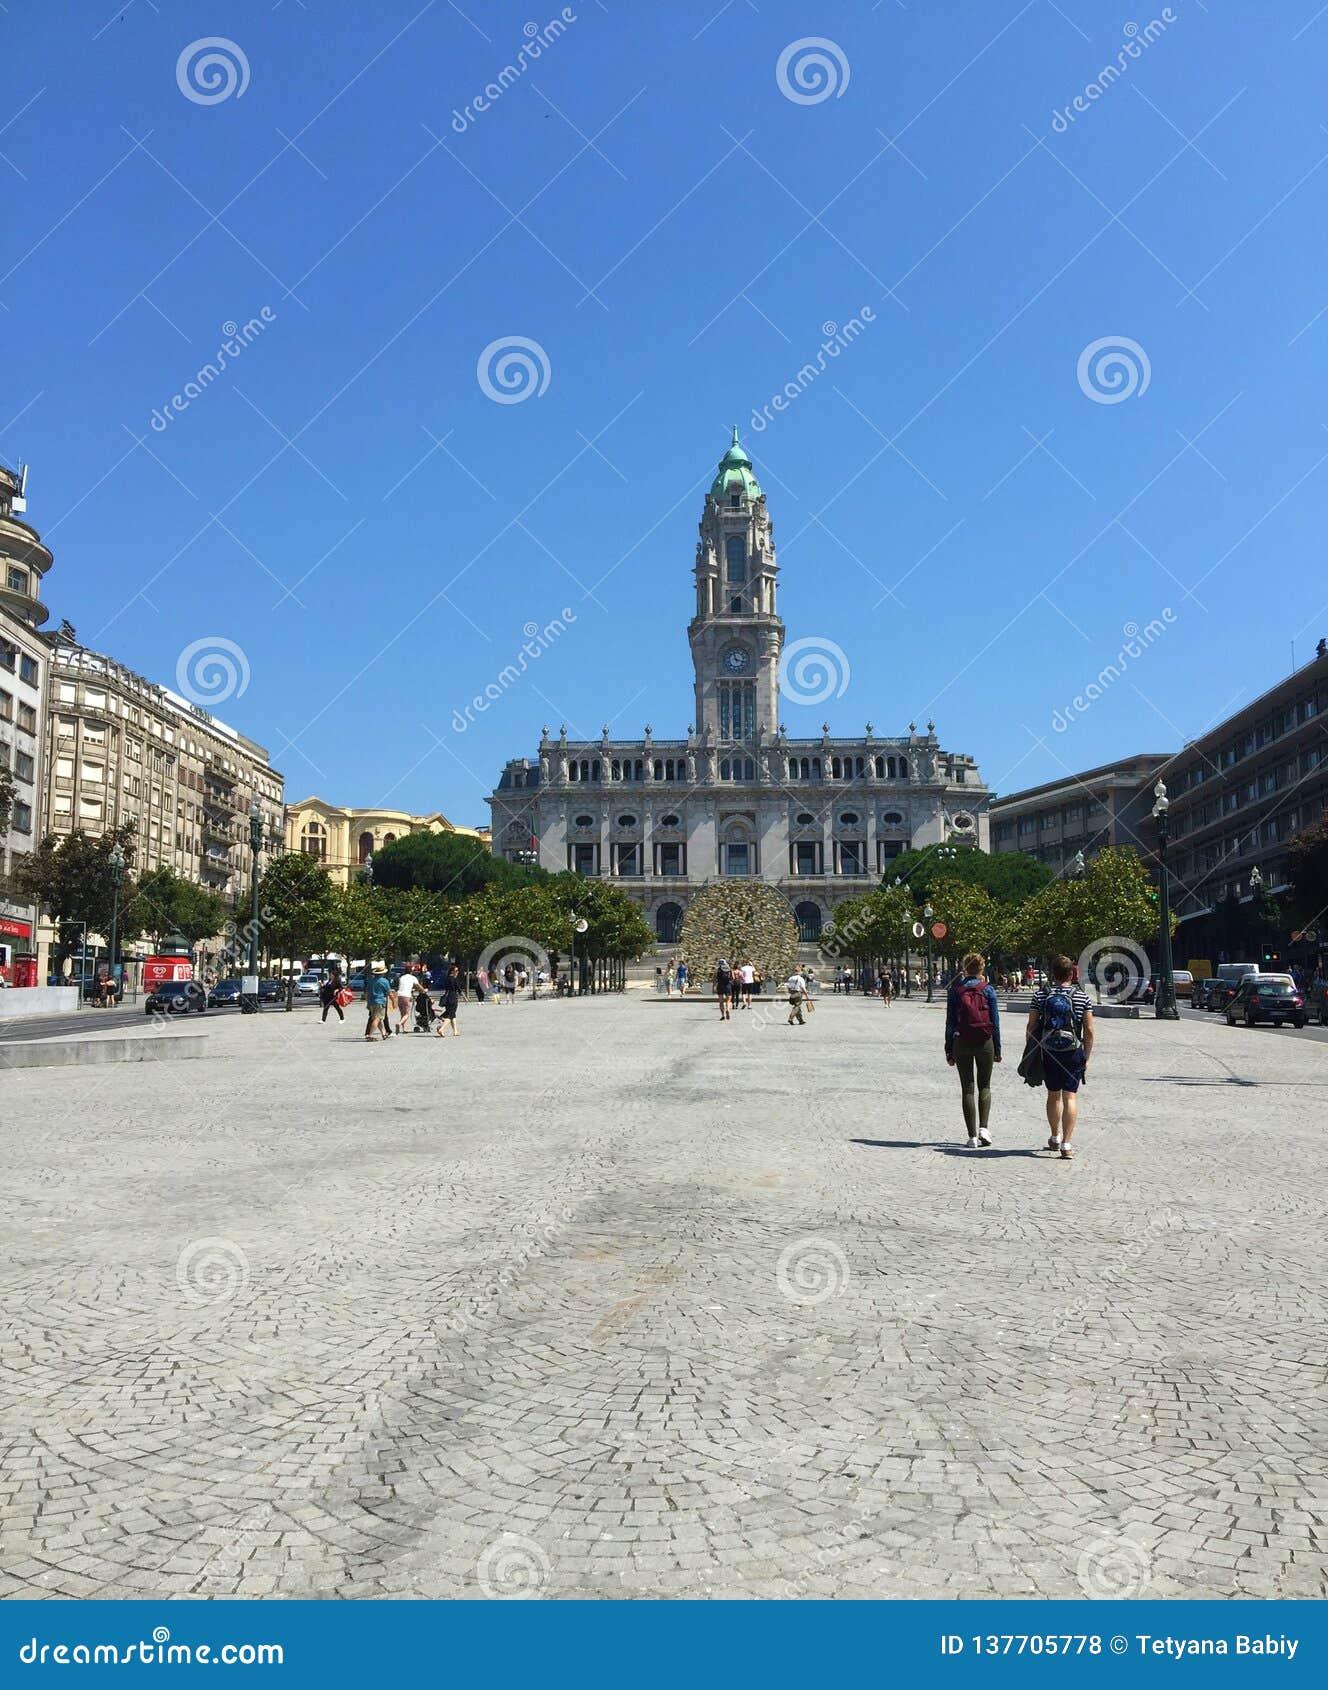 Νότιο τέλος του μεγαλοπρεπούς Avenida DOS Aliados Porto's, της πλατείας Liberdade - Δημαρχείο & της ελευθερίας τετραγωνικό Πόρτ